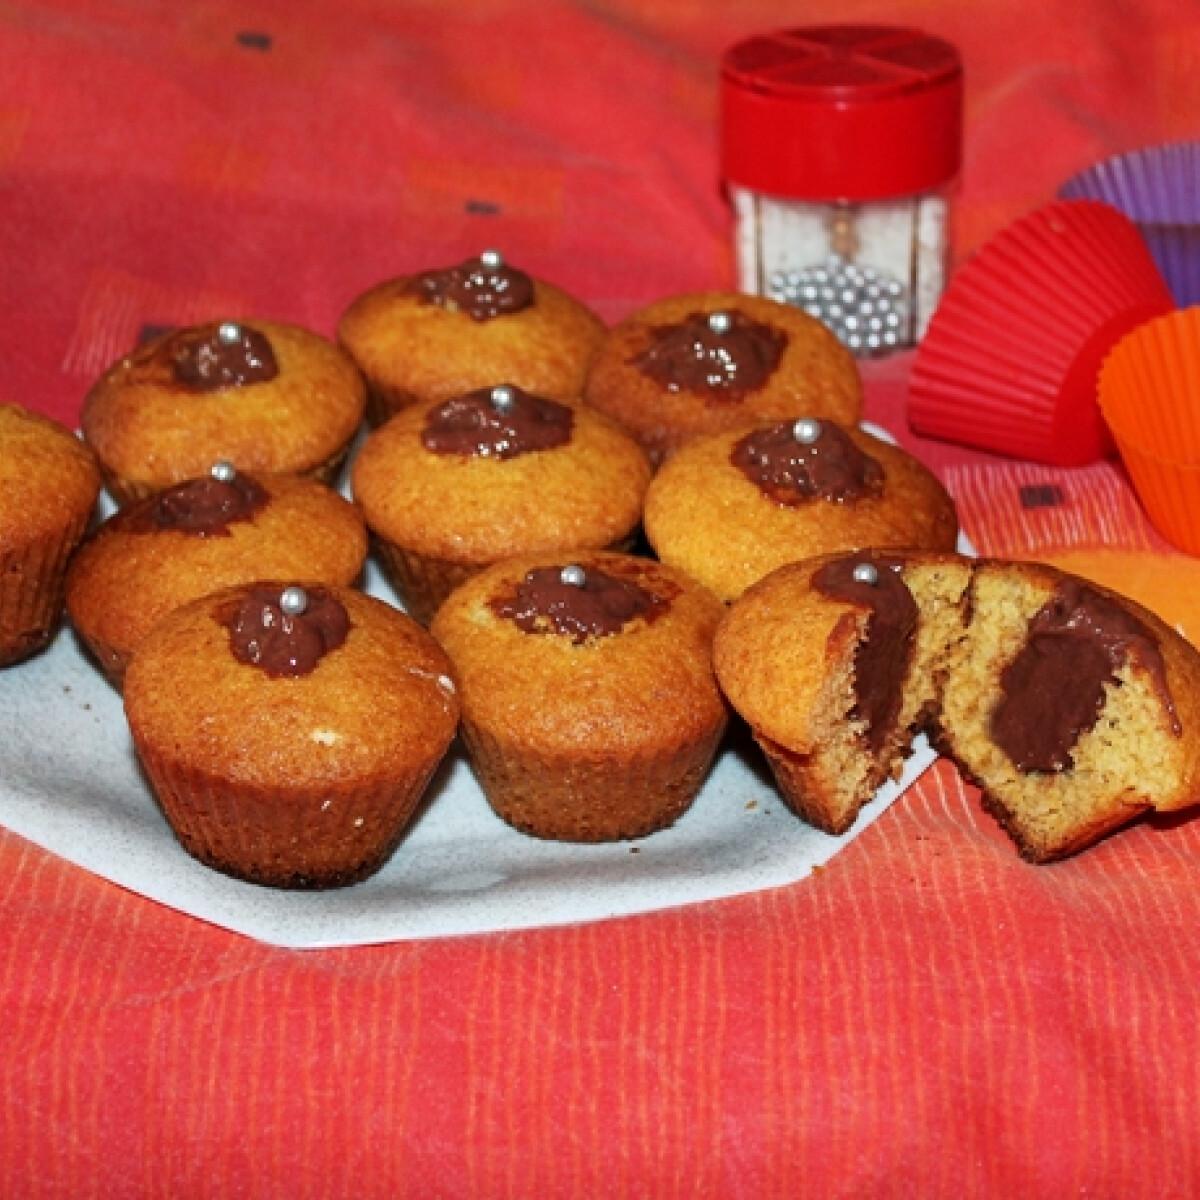 Ezen a képen: Muffinlyukba töltött csokoládé